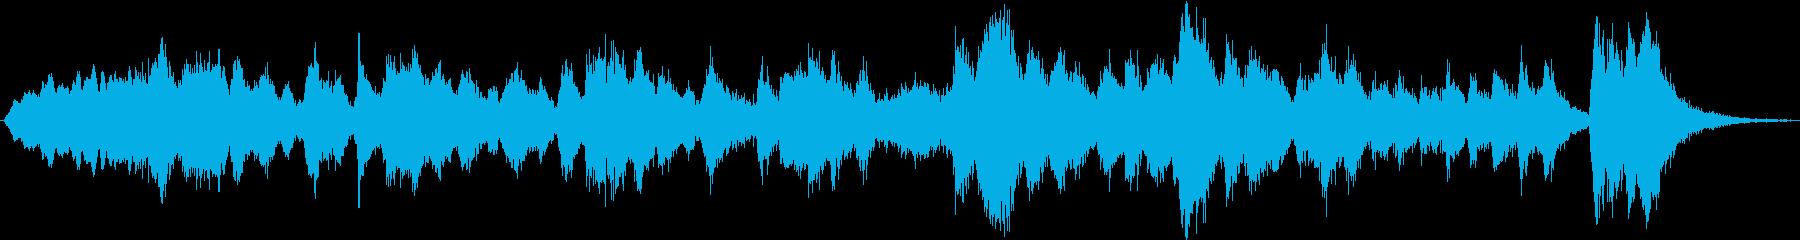 オーケストラクラシックインスト元気...の再生済みの波形